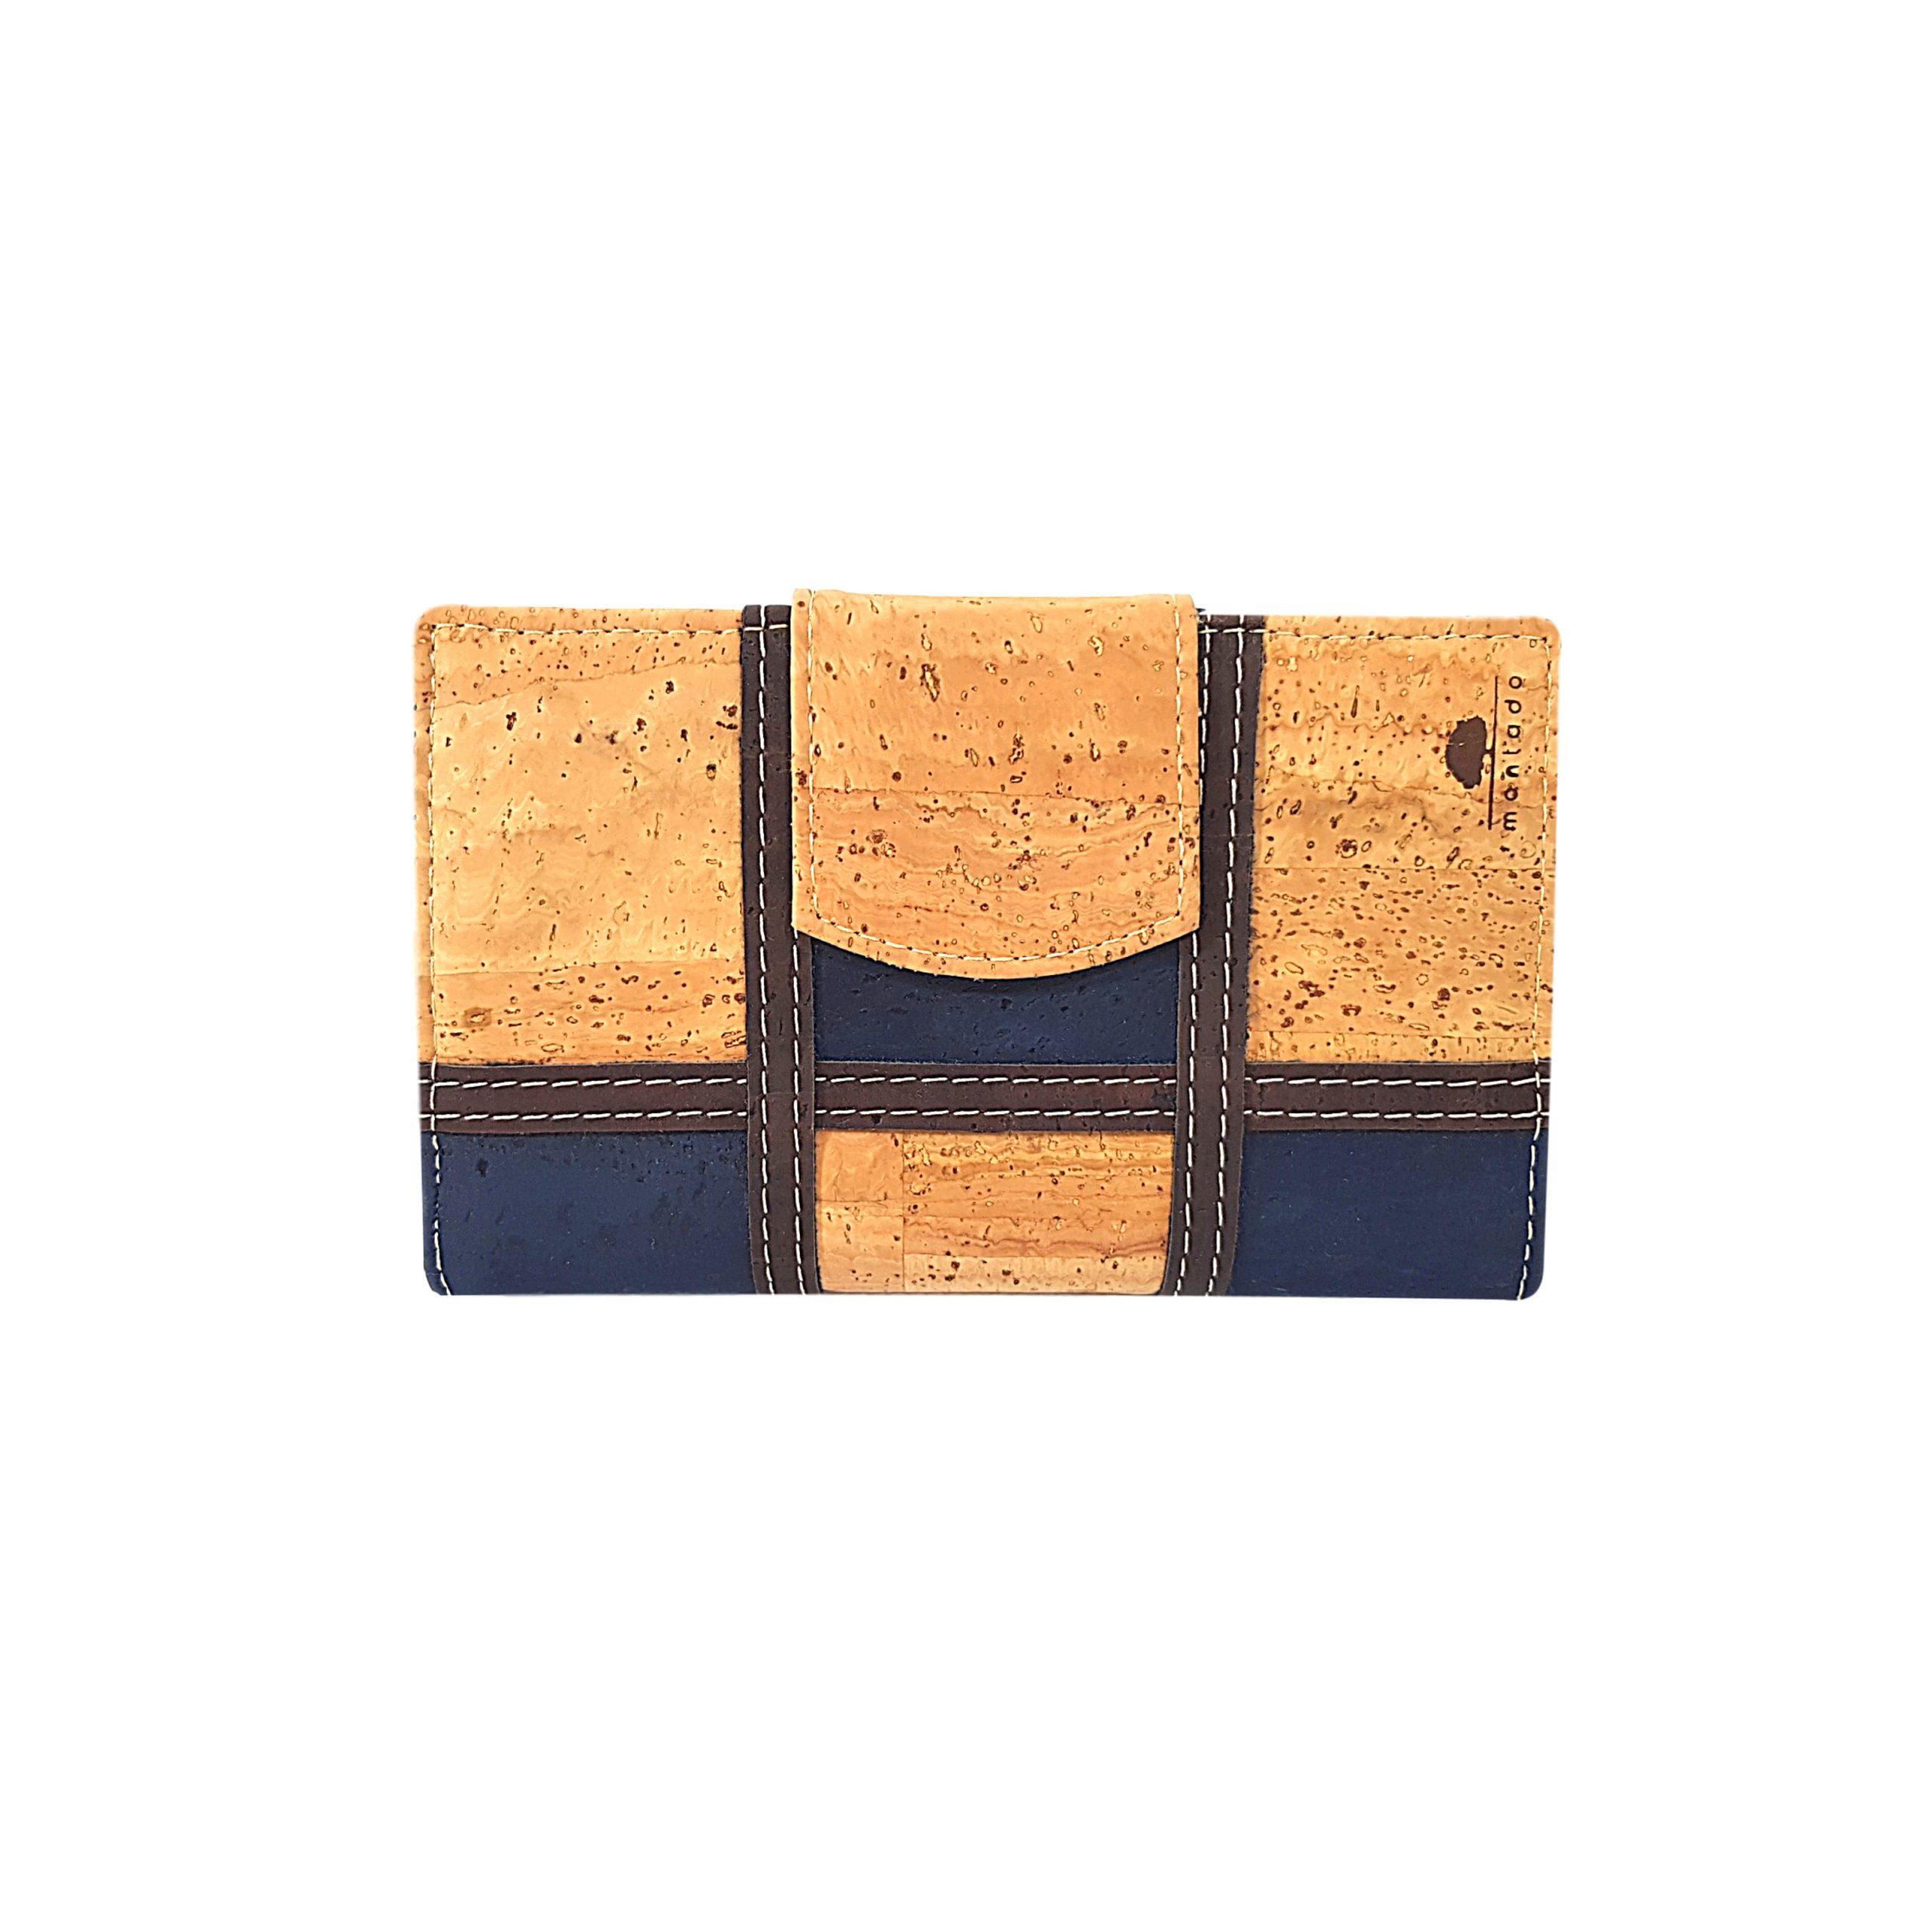 Portofel dublu mare squares bleumarin